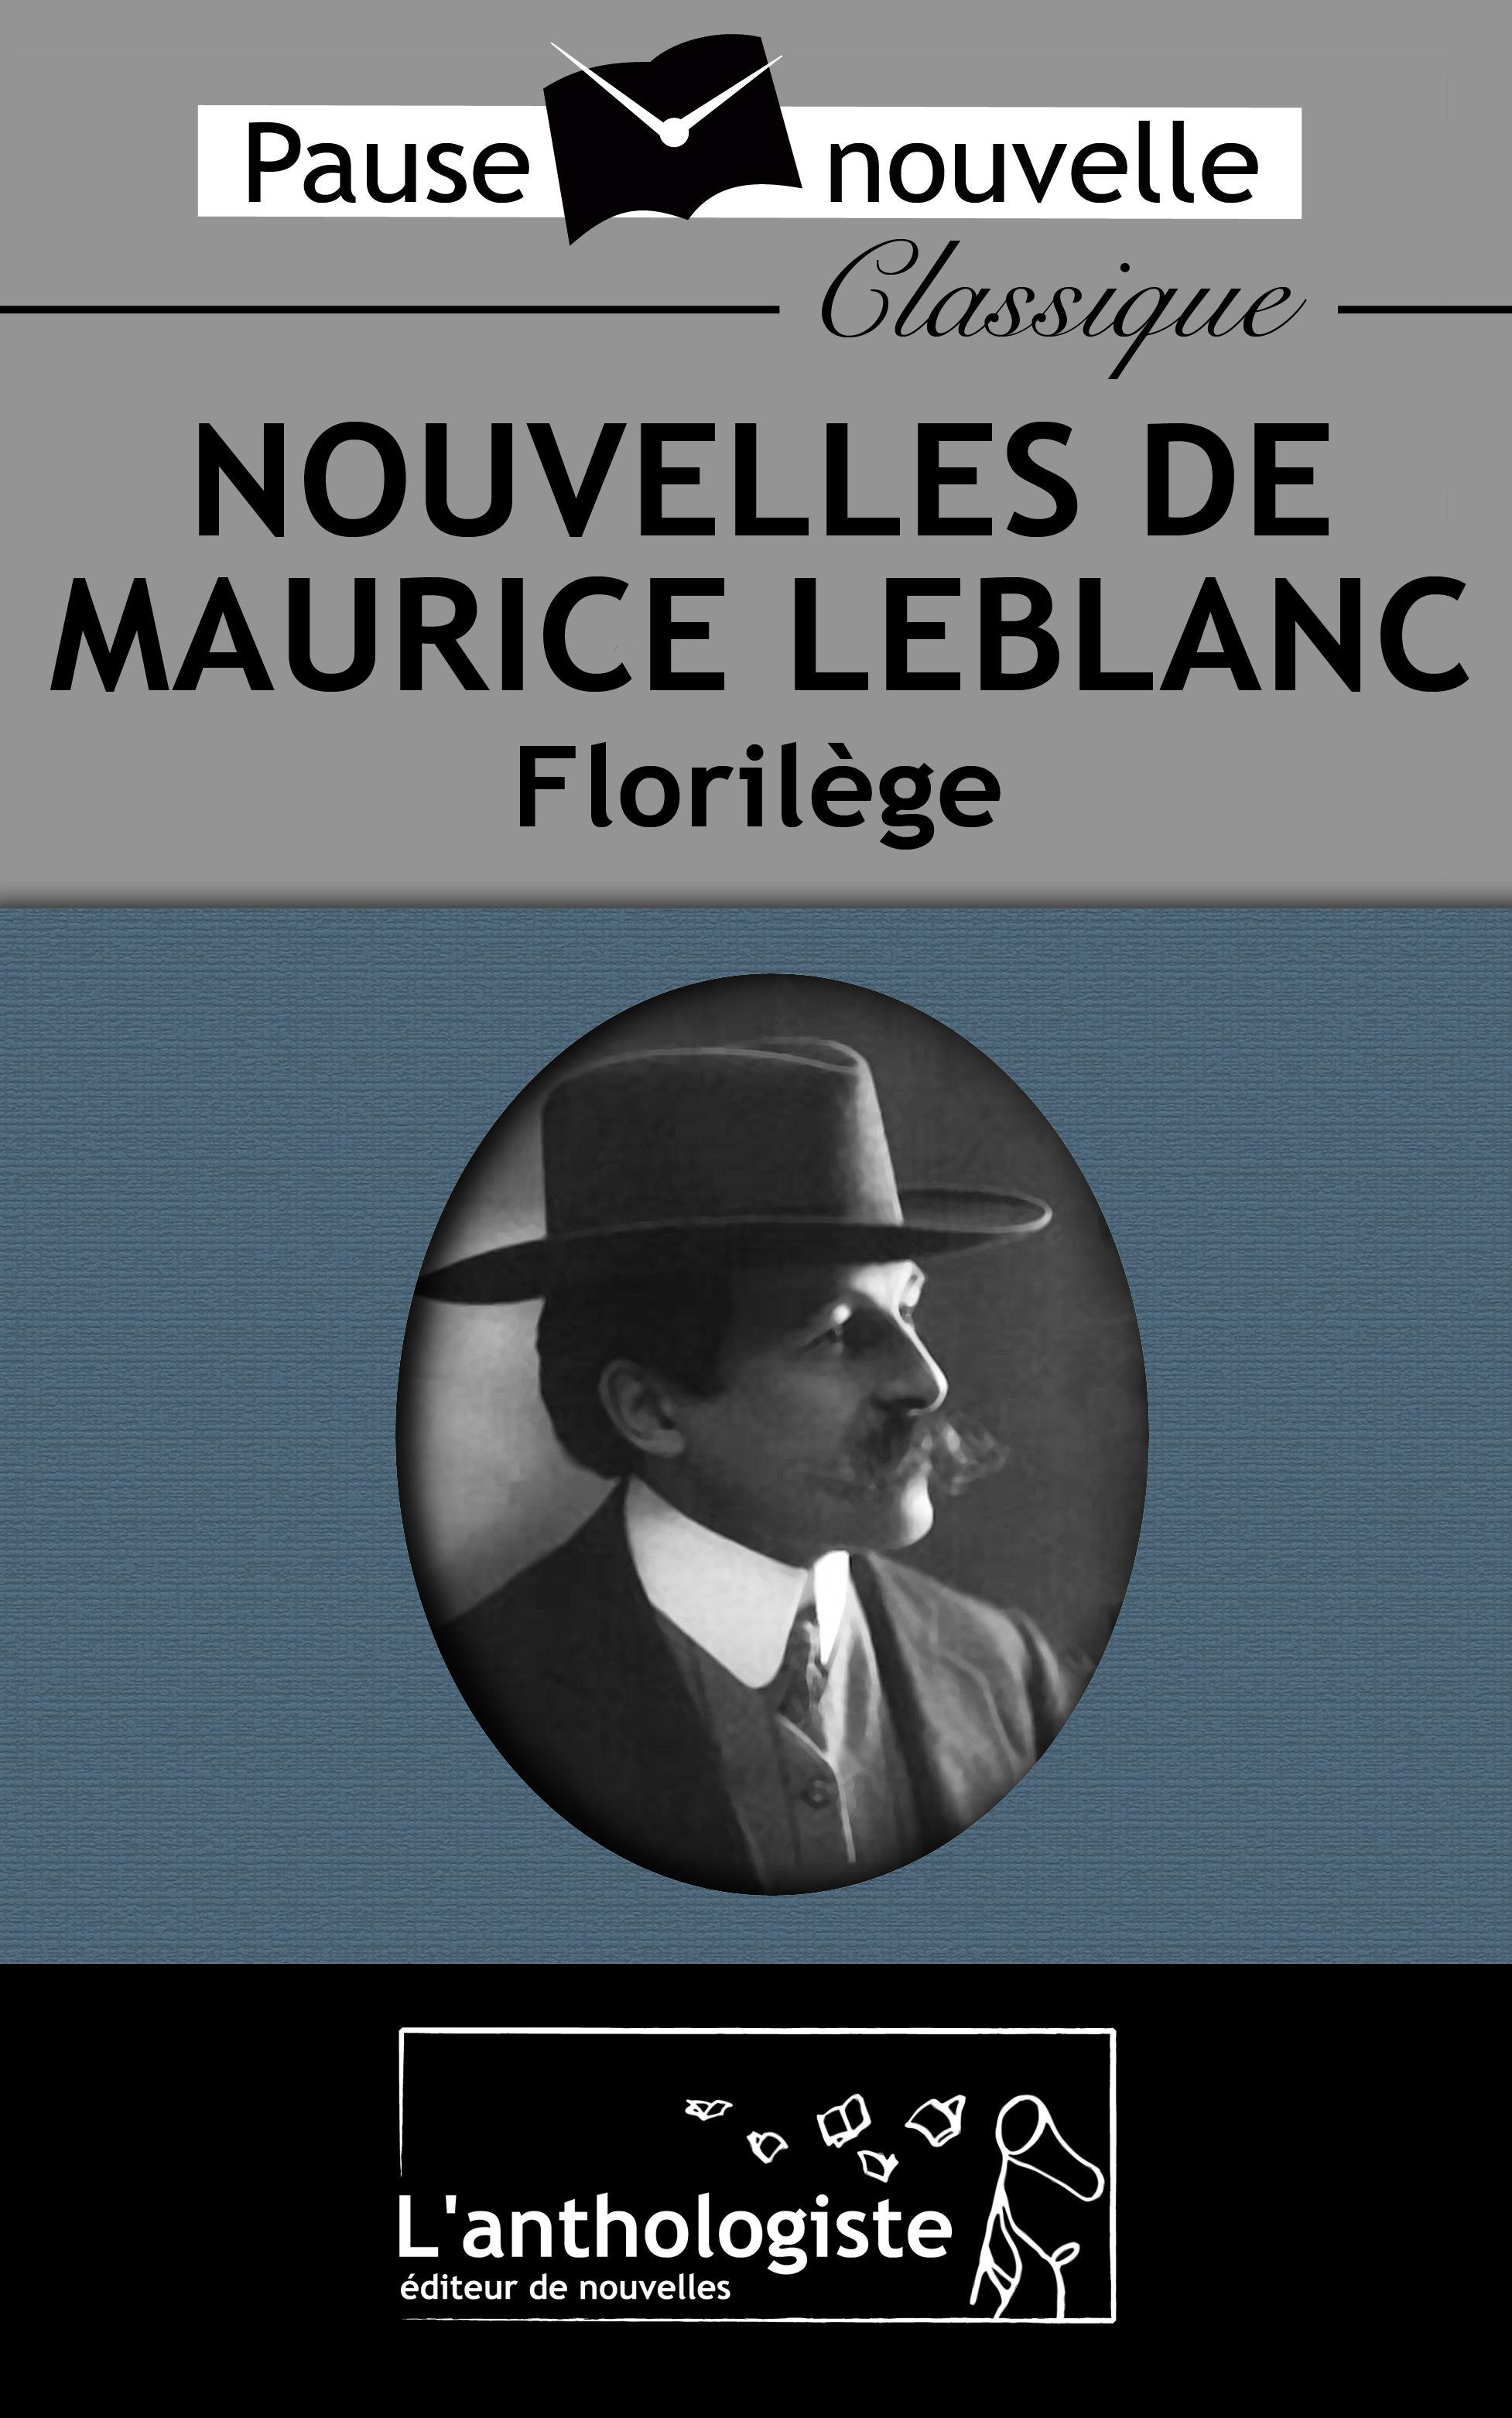 Nouvelles de Maurice Leblanc, florilège